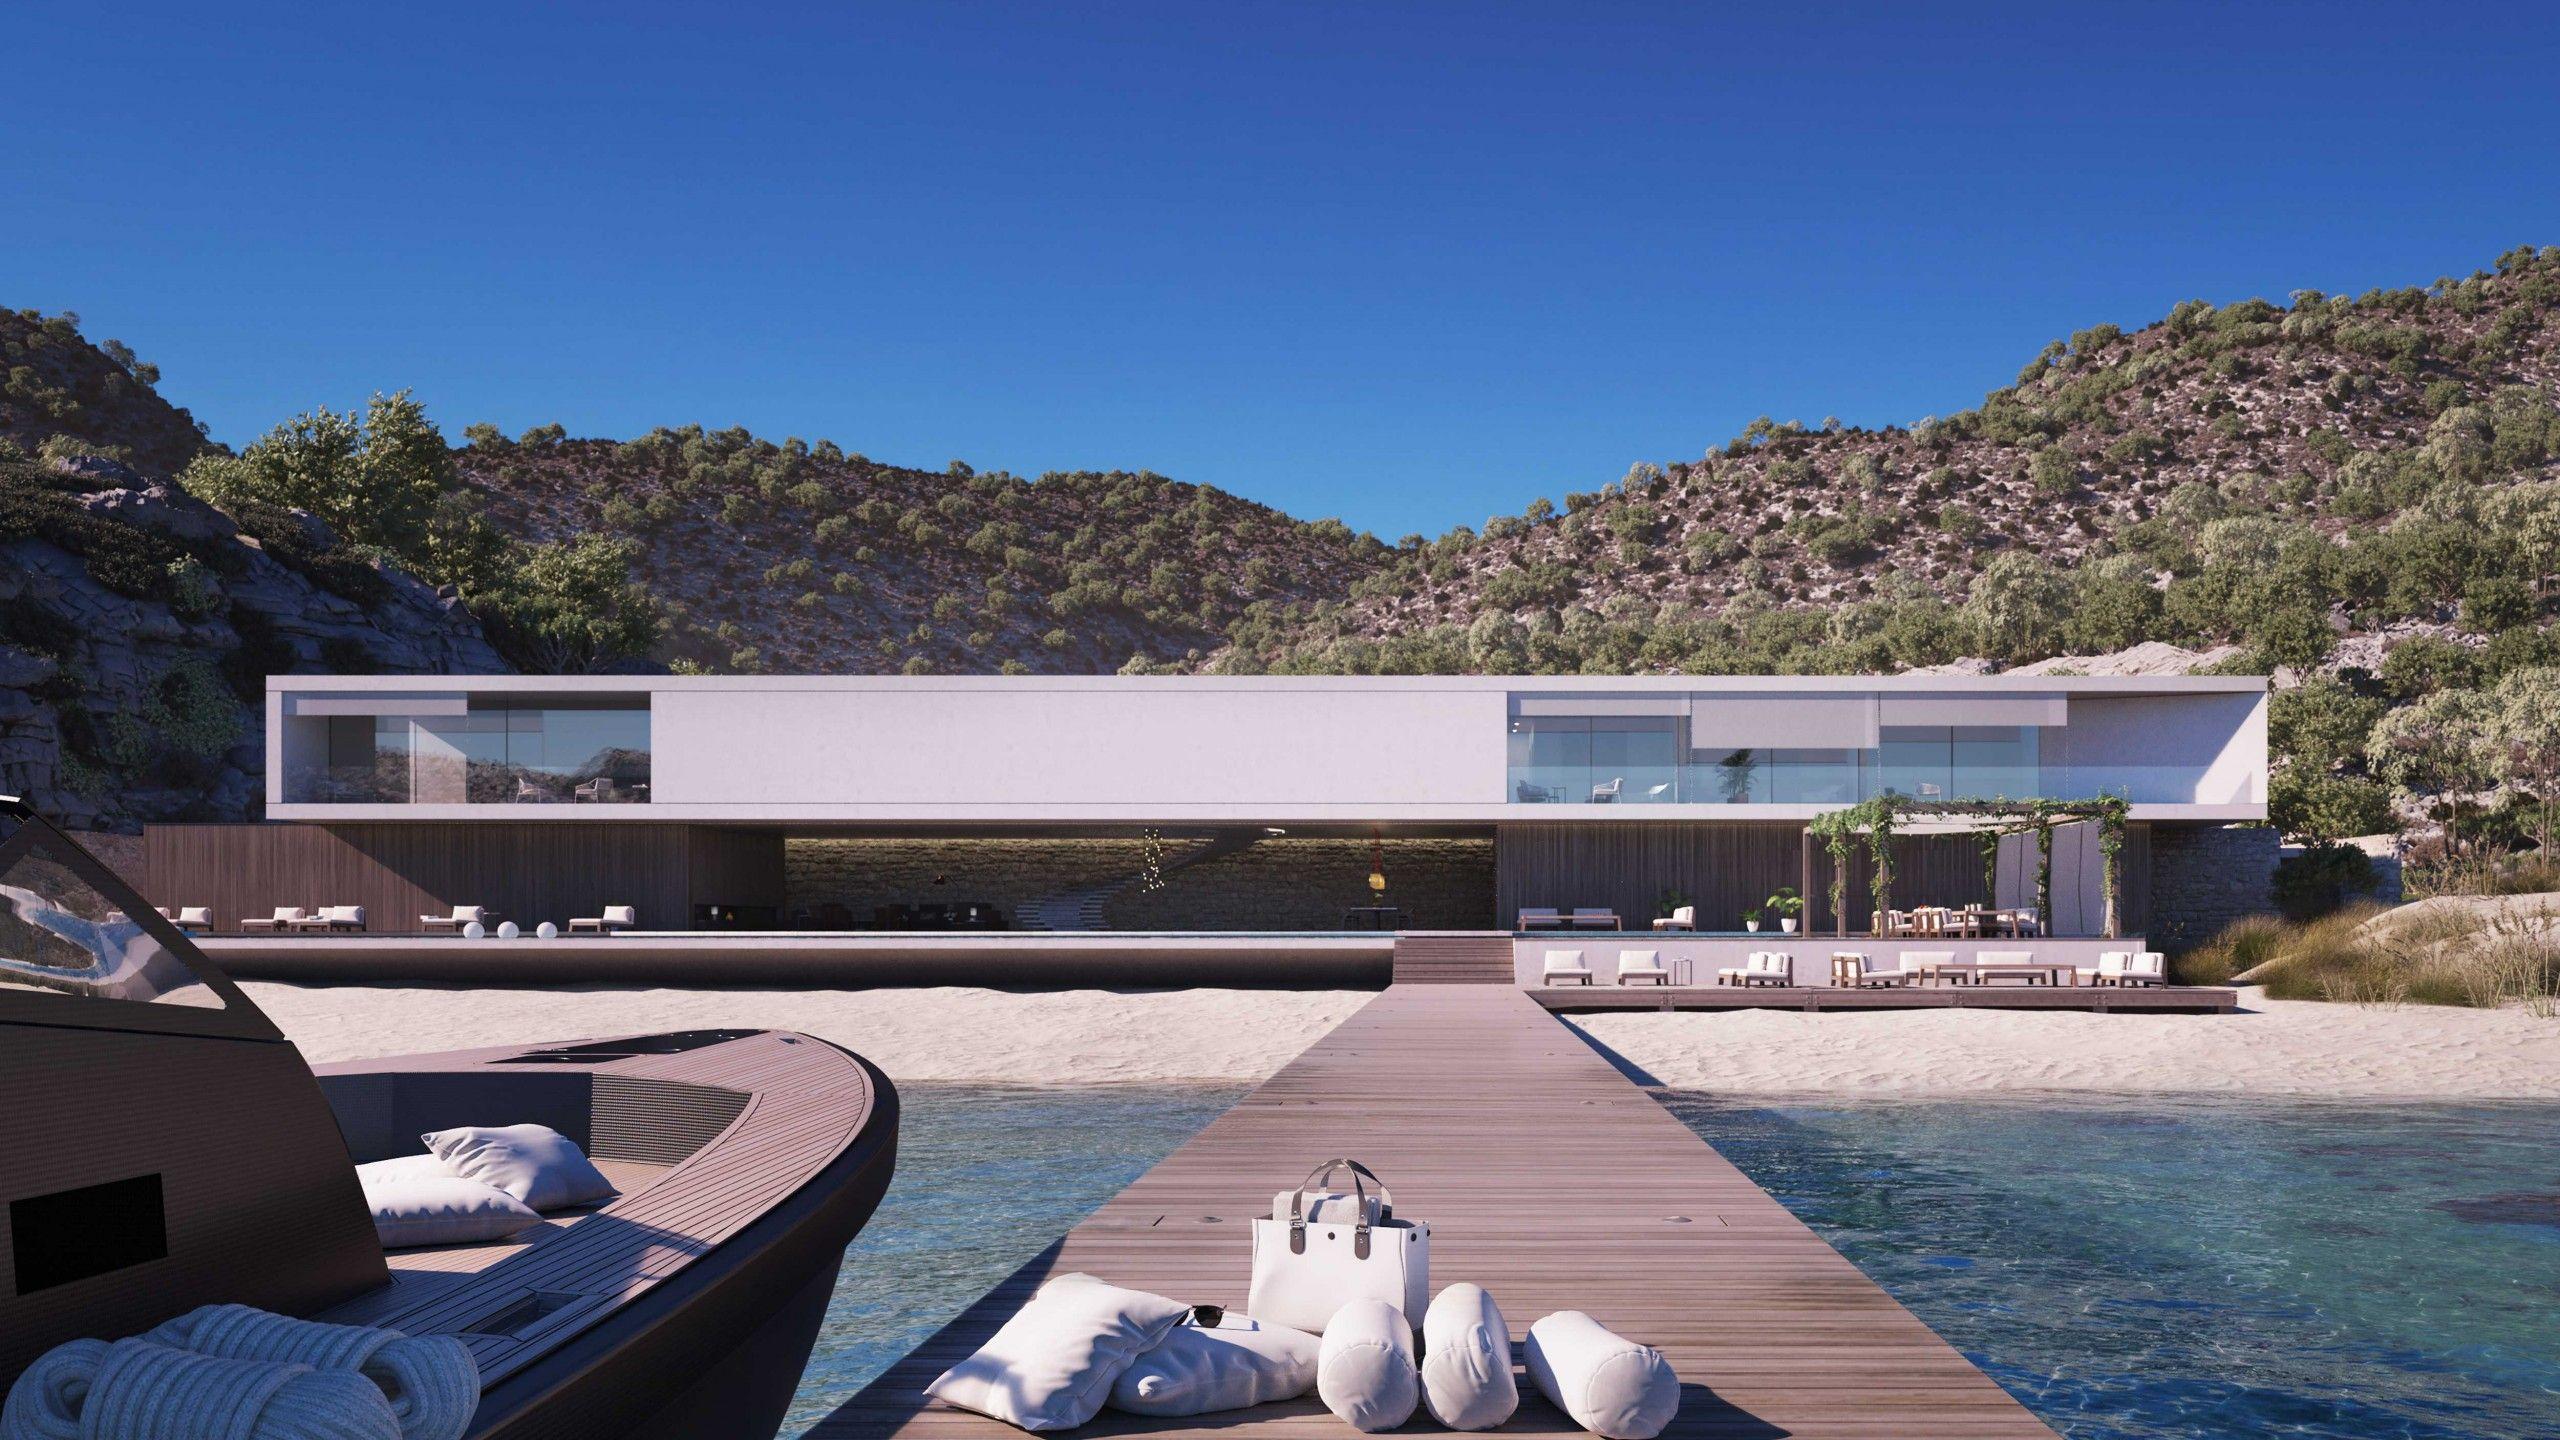 Pin von Ben Murphy auf Architecture | Pinterest | Architektur ...